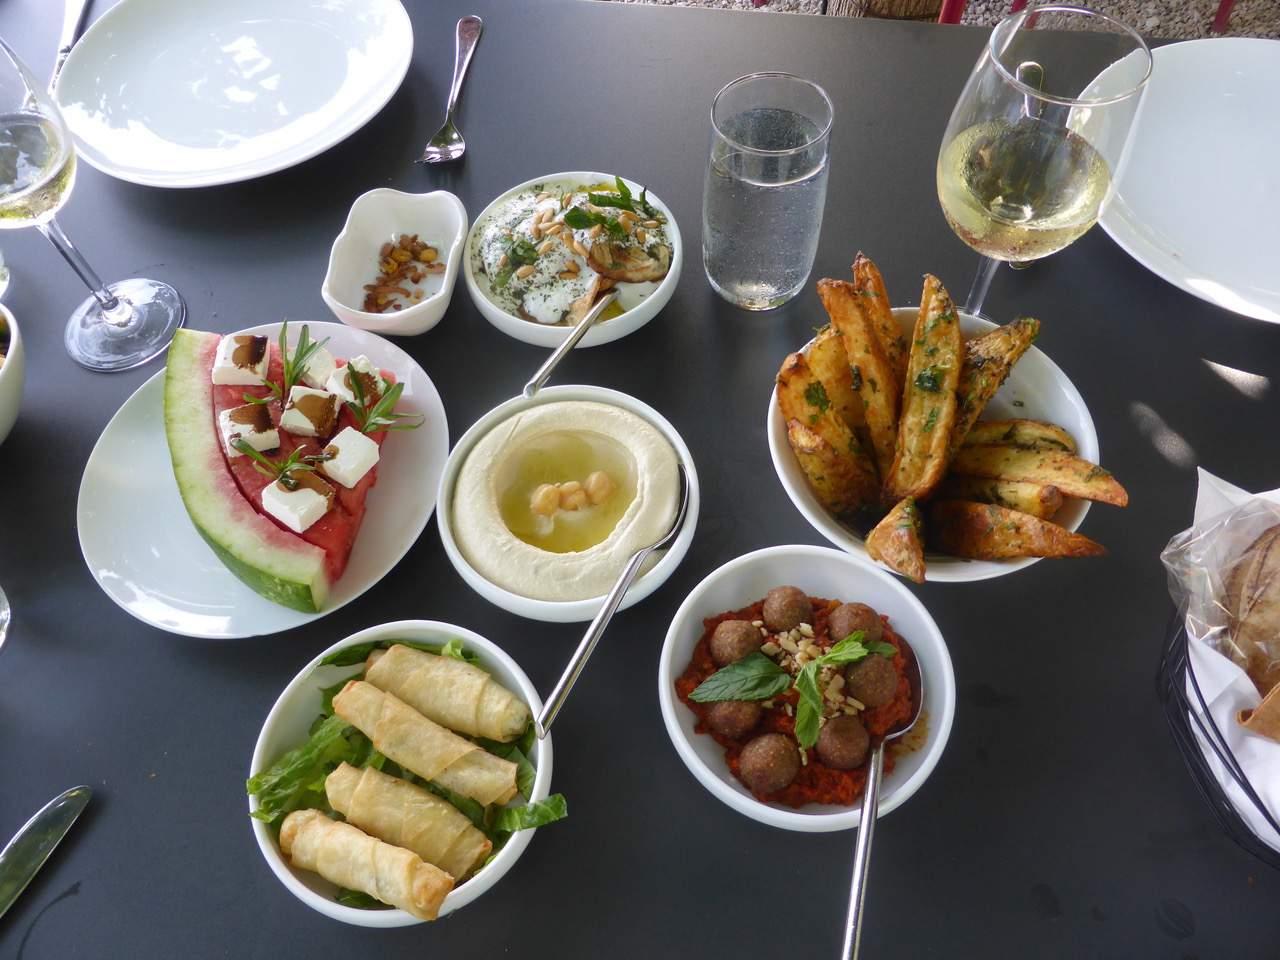 Mezze at Ixsir Winery, Beirut